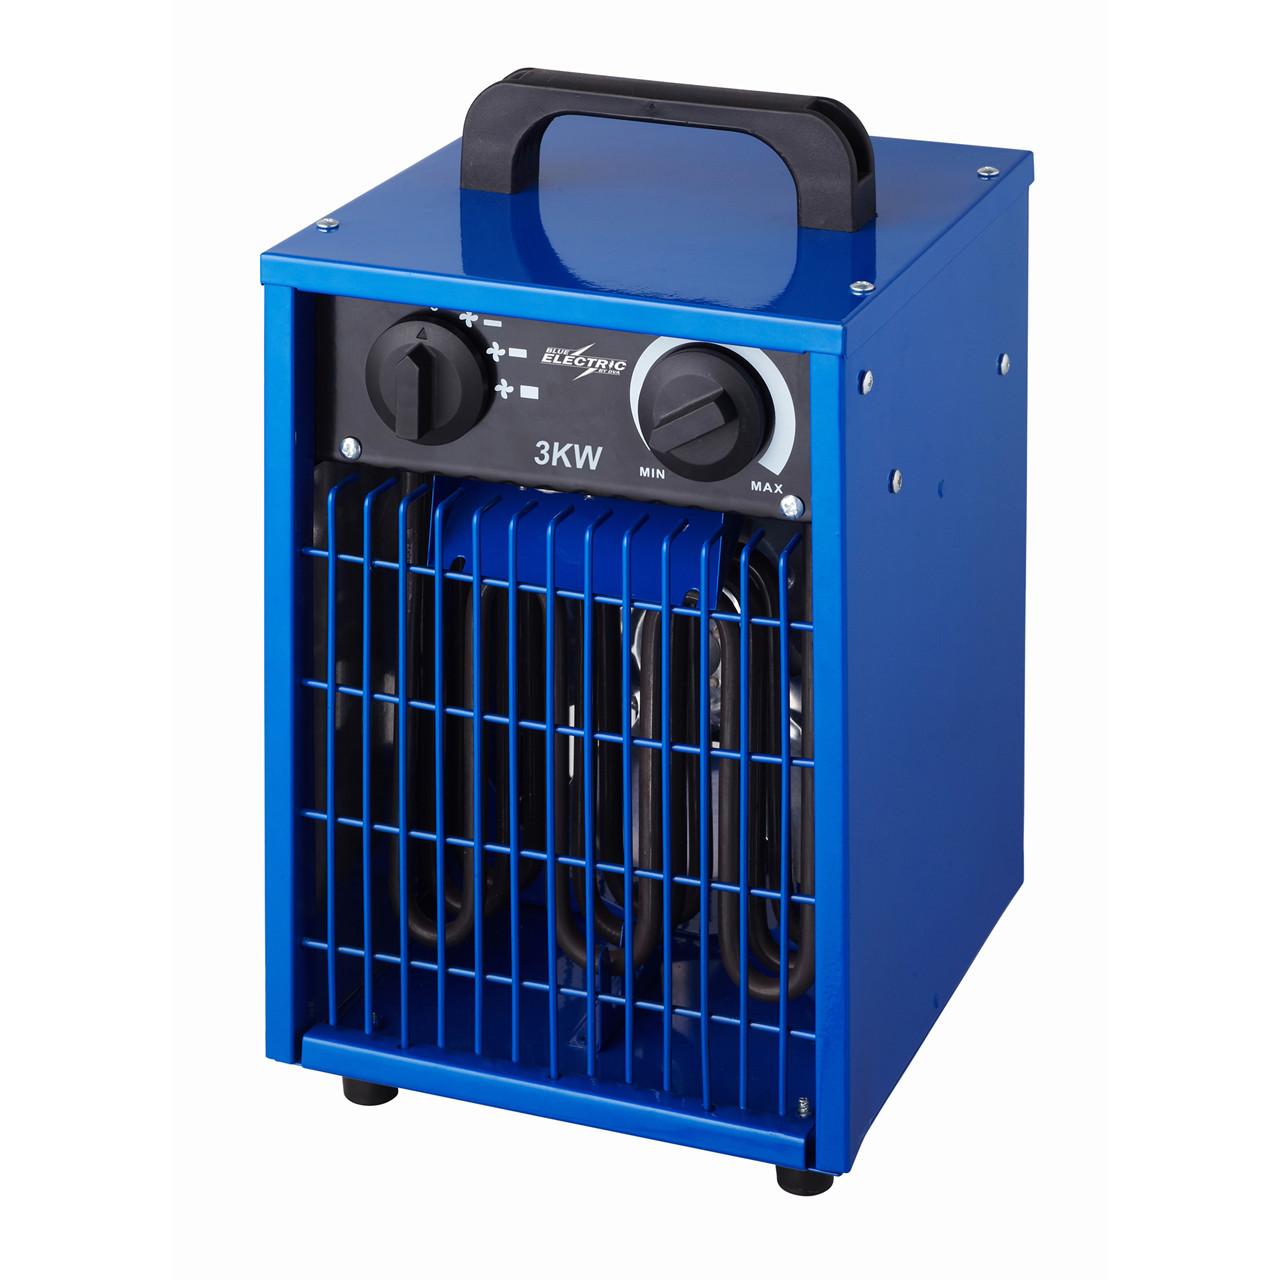 Køb BLUE ELECTRIC varmeblæser 3kW 230V